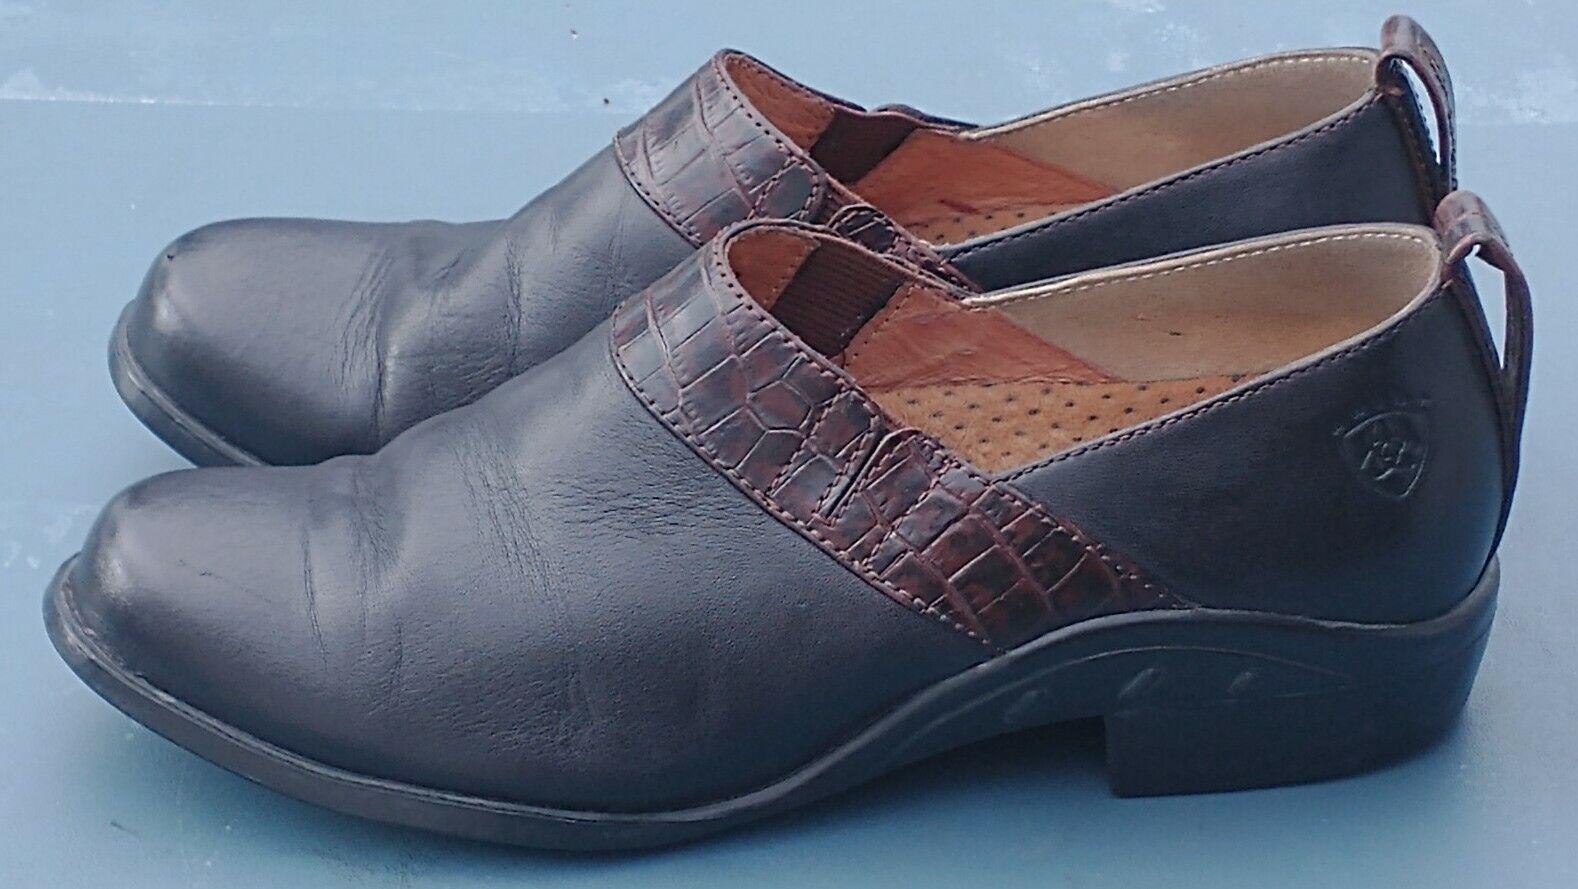 Women's Shoes, Ariat ATS Equipped , Black ,Clogs, 7 B, UK 4.5 M, E.U.R. 37.5 M